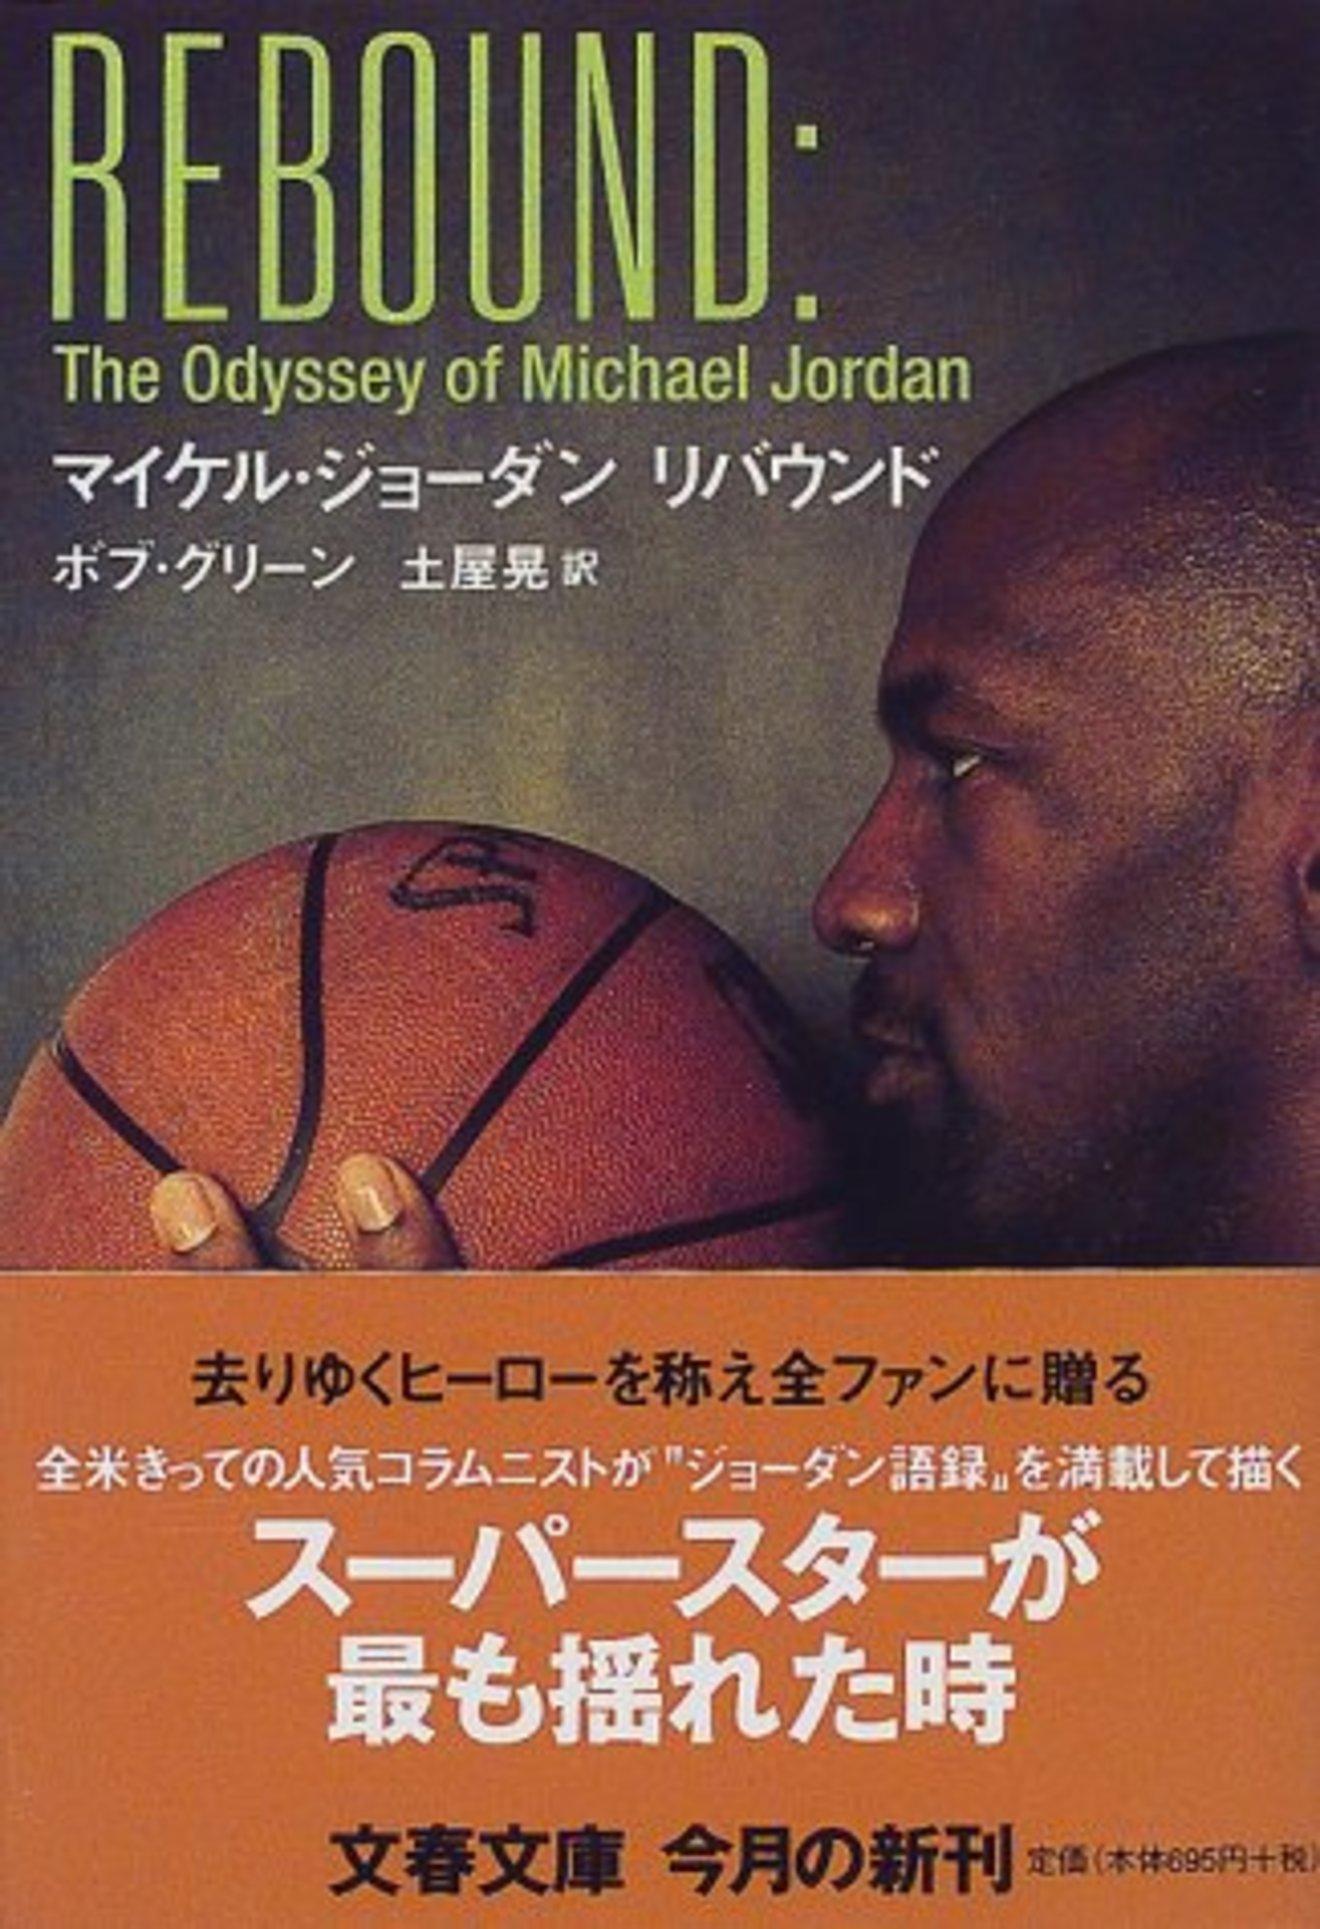 """マイケル・ジョーダンにまつわる逸話5つ!""""バスケットボールの神様""""に迫る"""